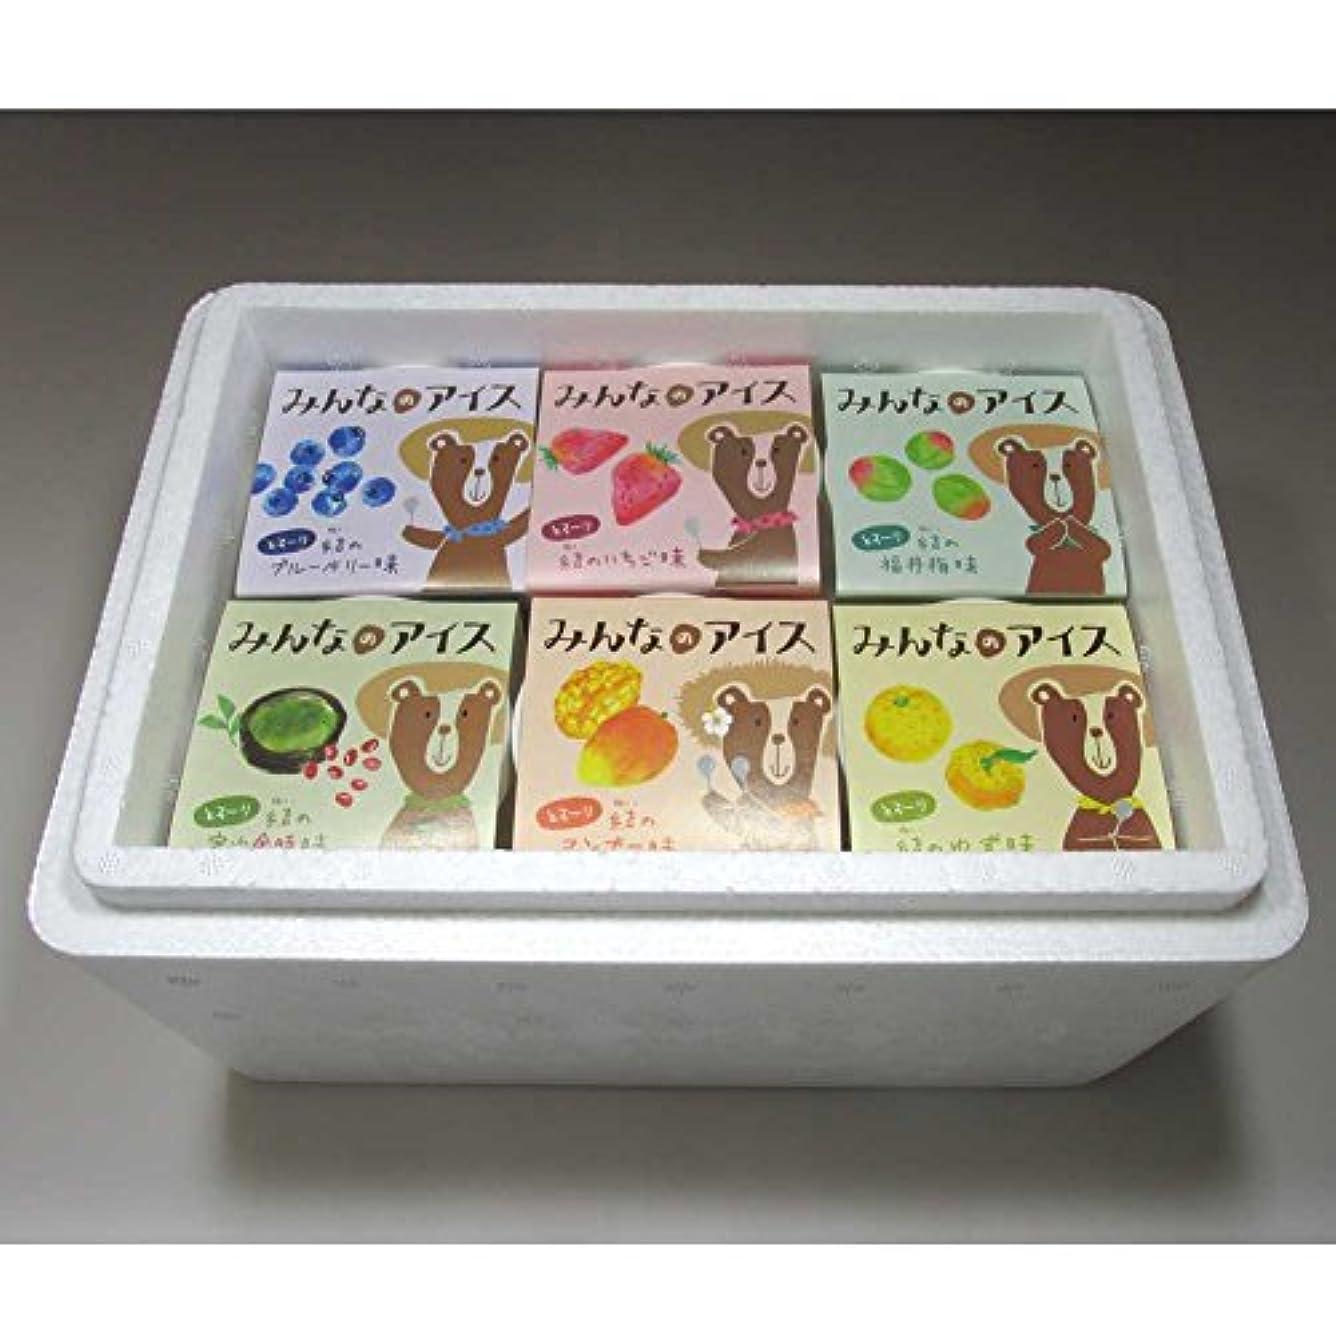 正規化二不透明なSFV生産農場 建石農園「アレルギーフリー☆みんなのアイス (6個)」 -クール冷凍-